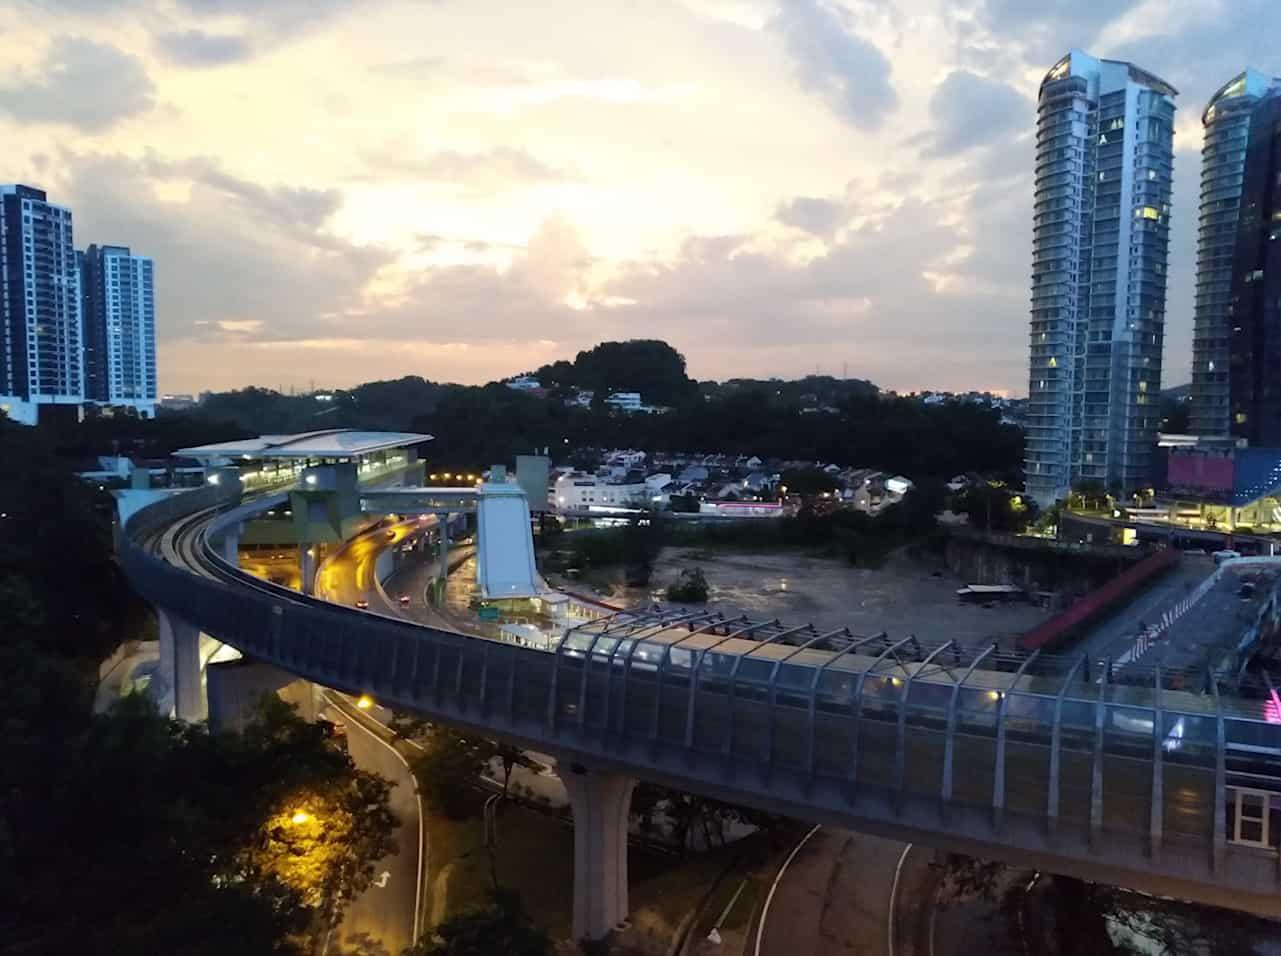 Фотография в вечернее время суток